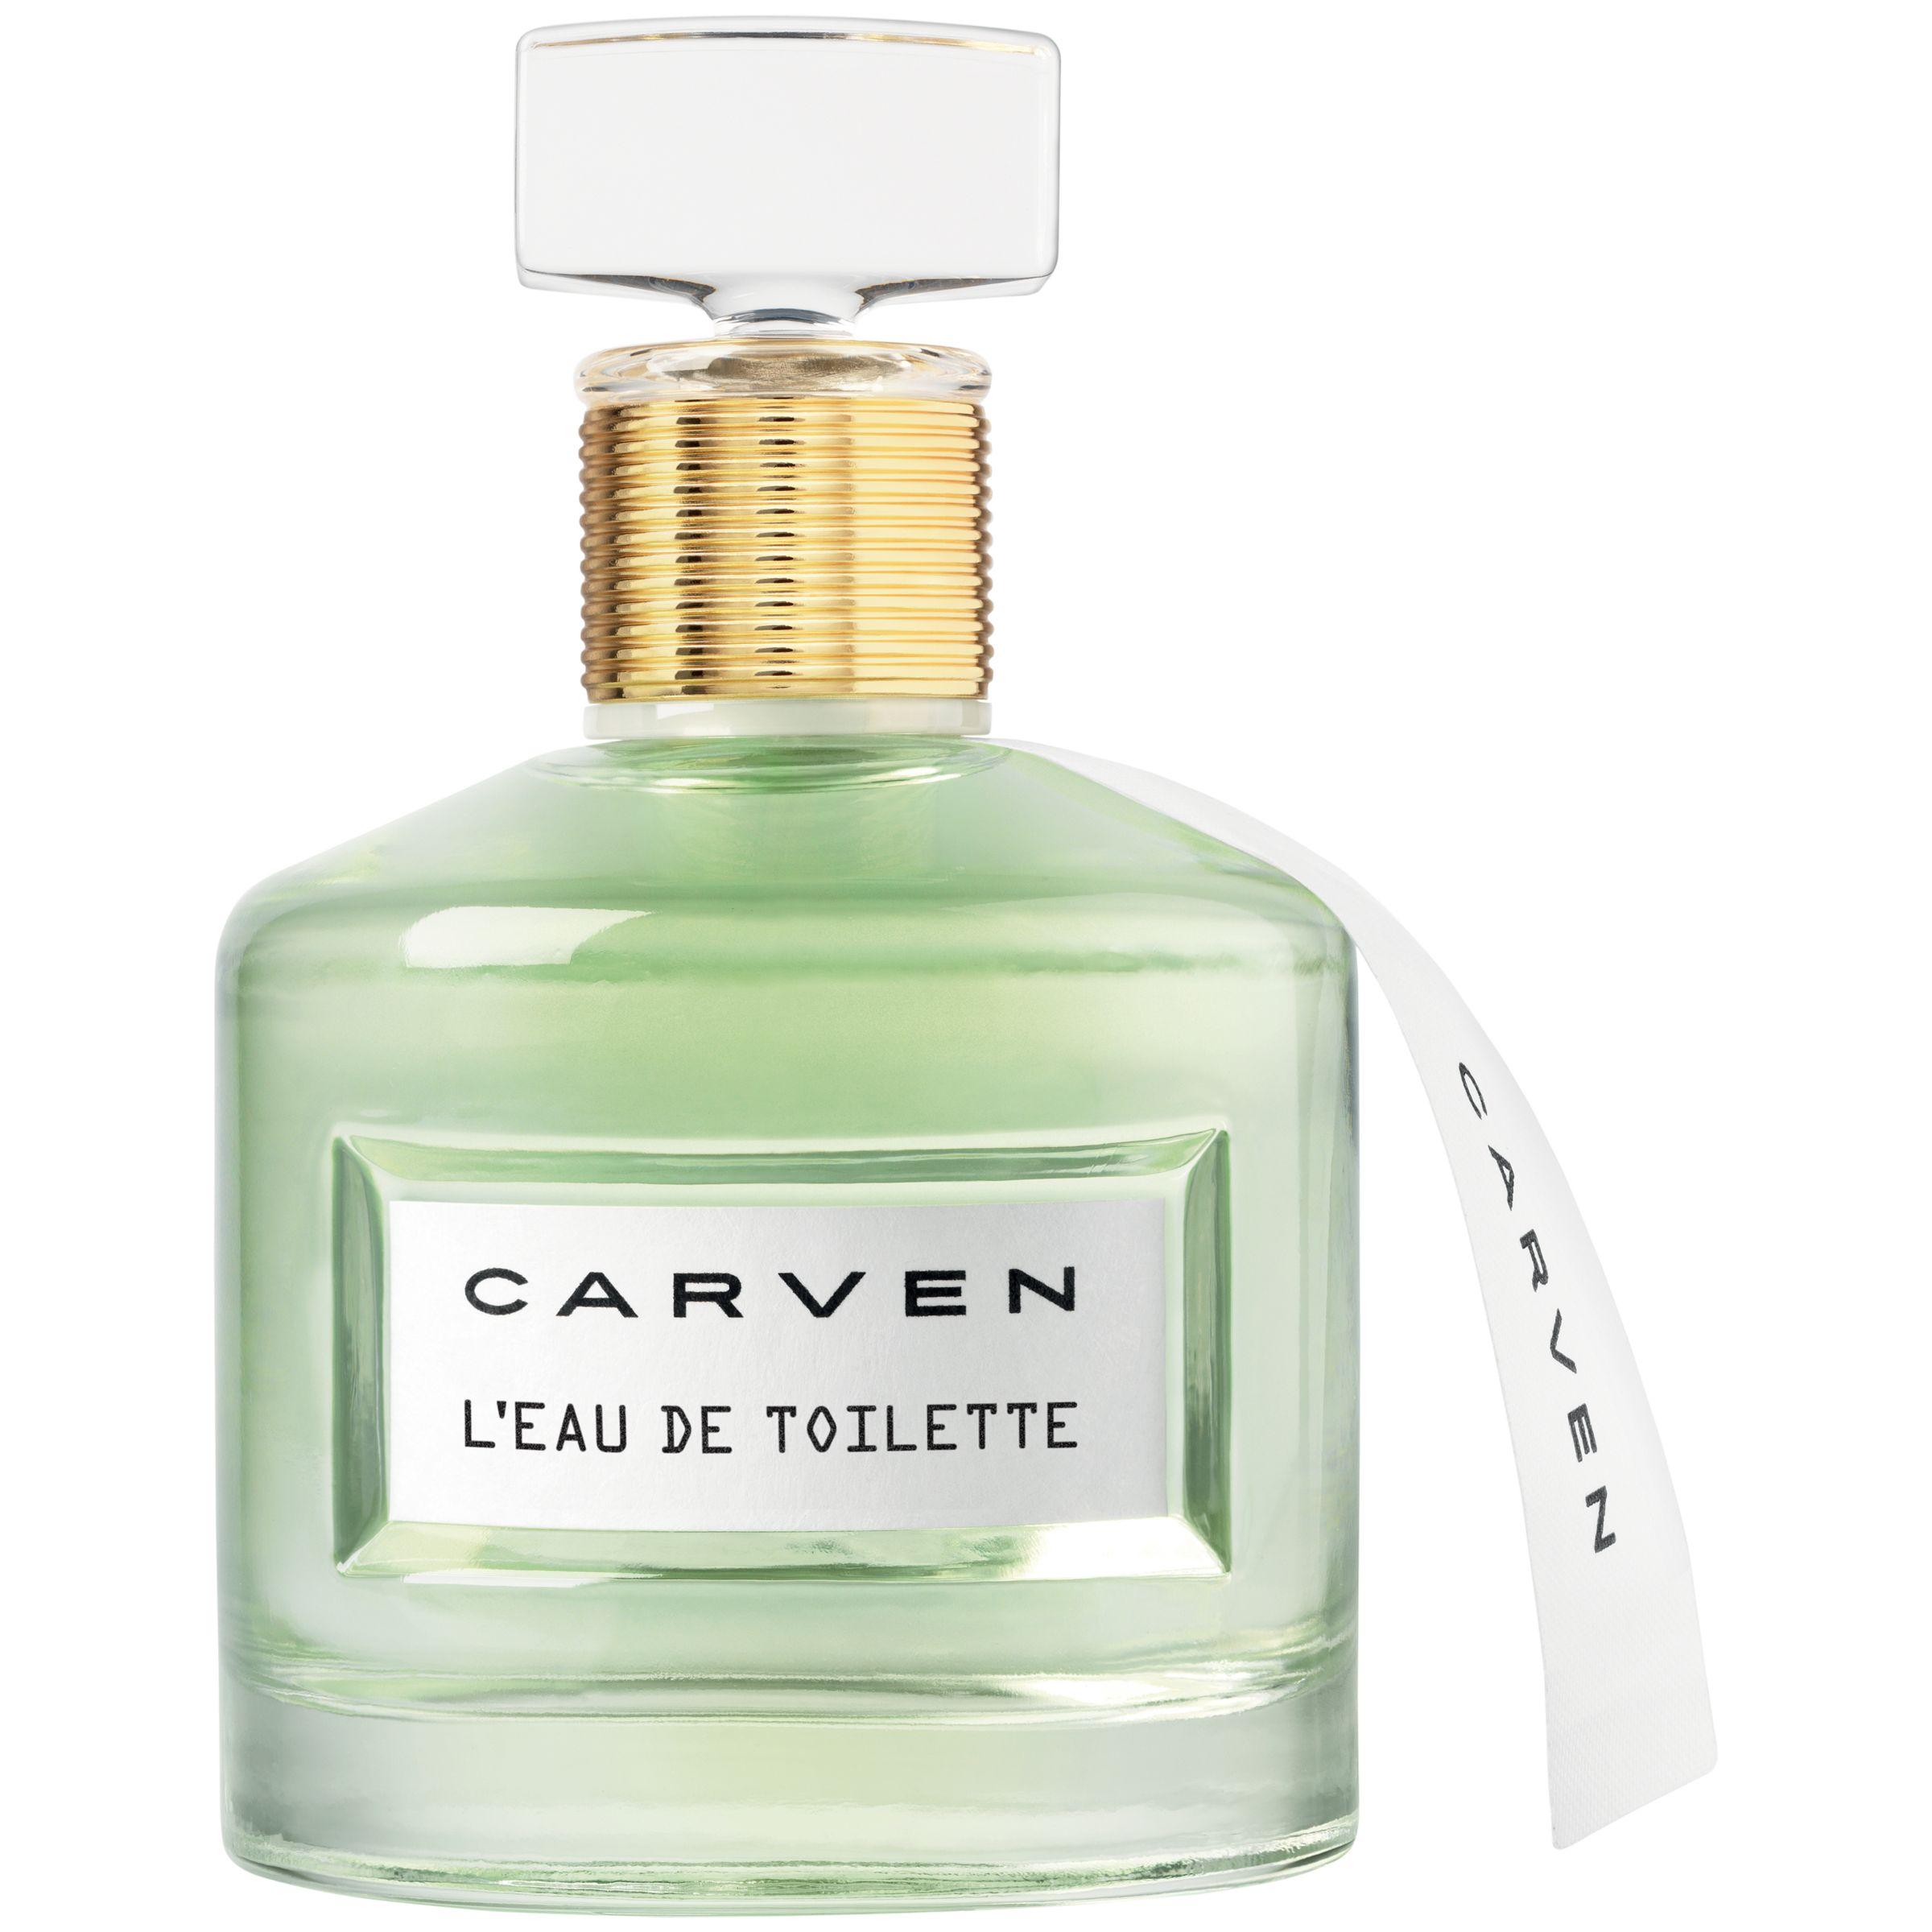 Carven Carven L'Eau de Toilette, 50ml